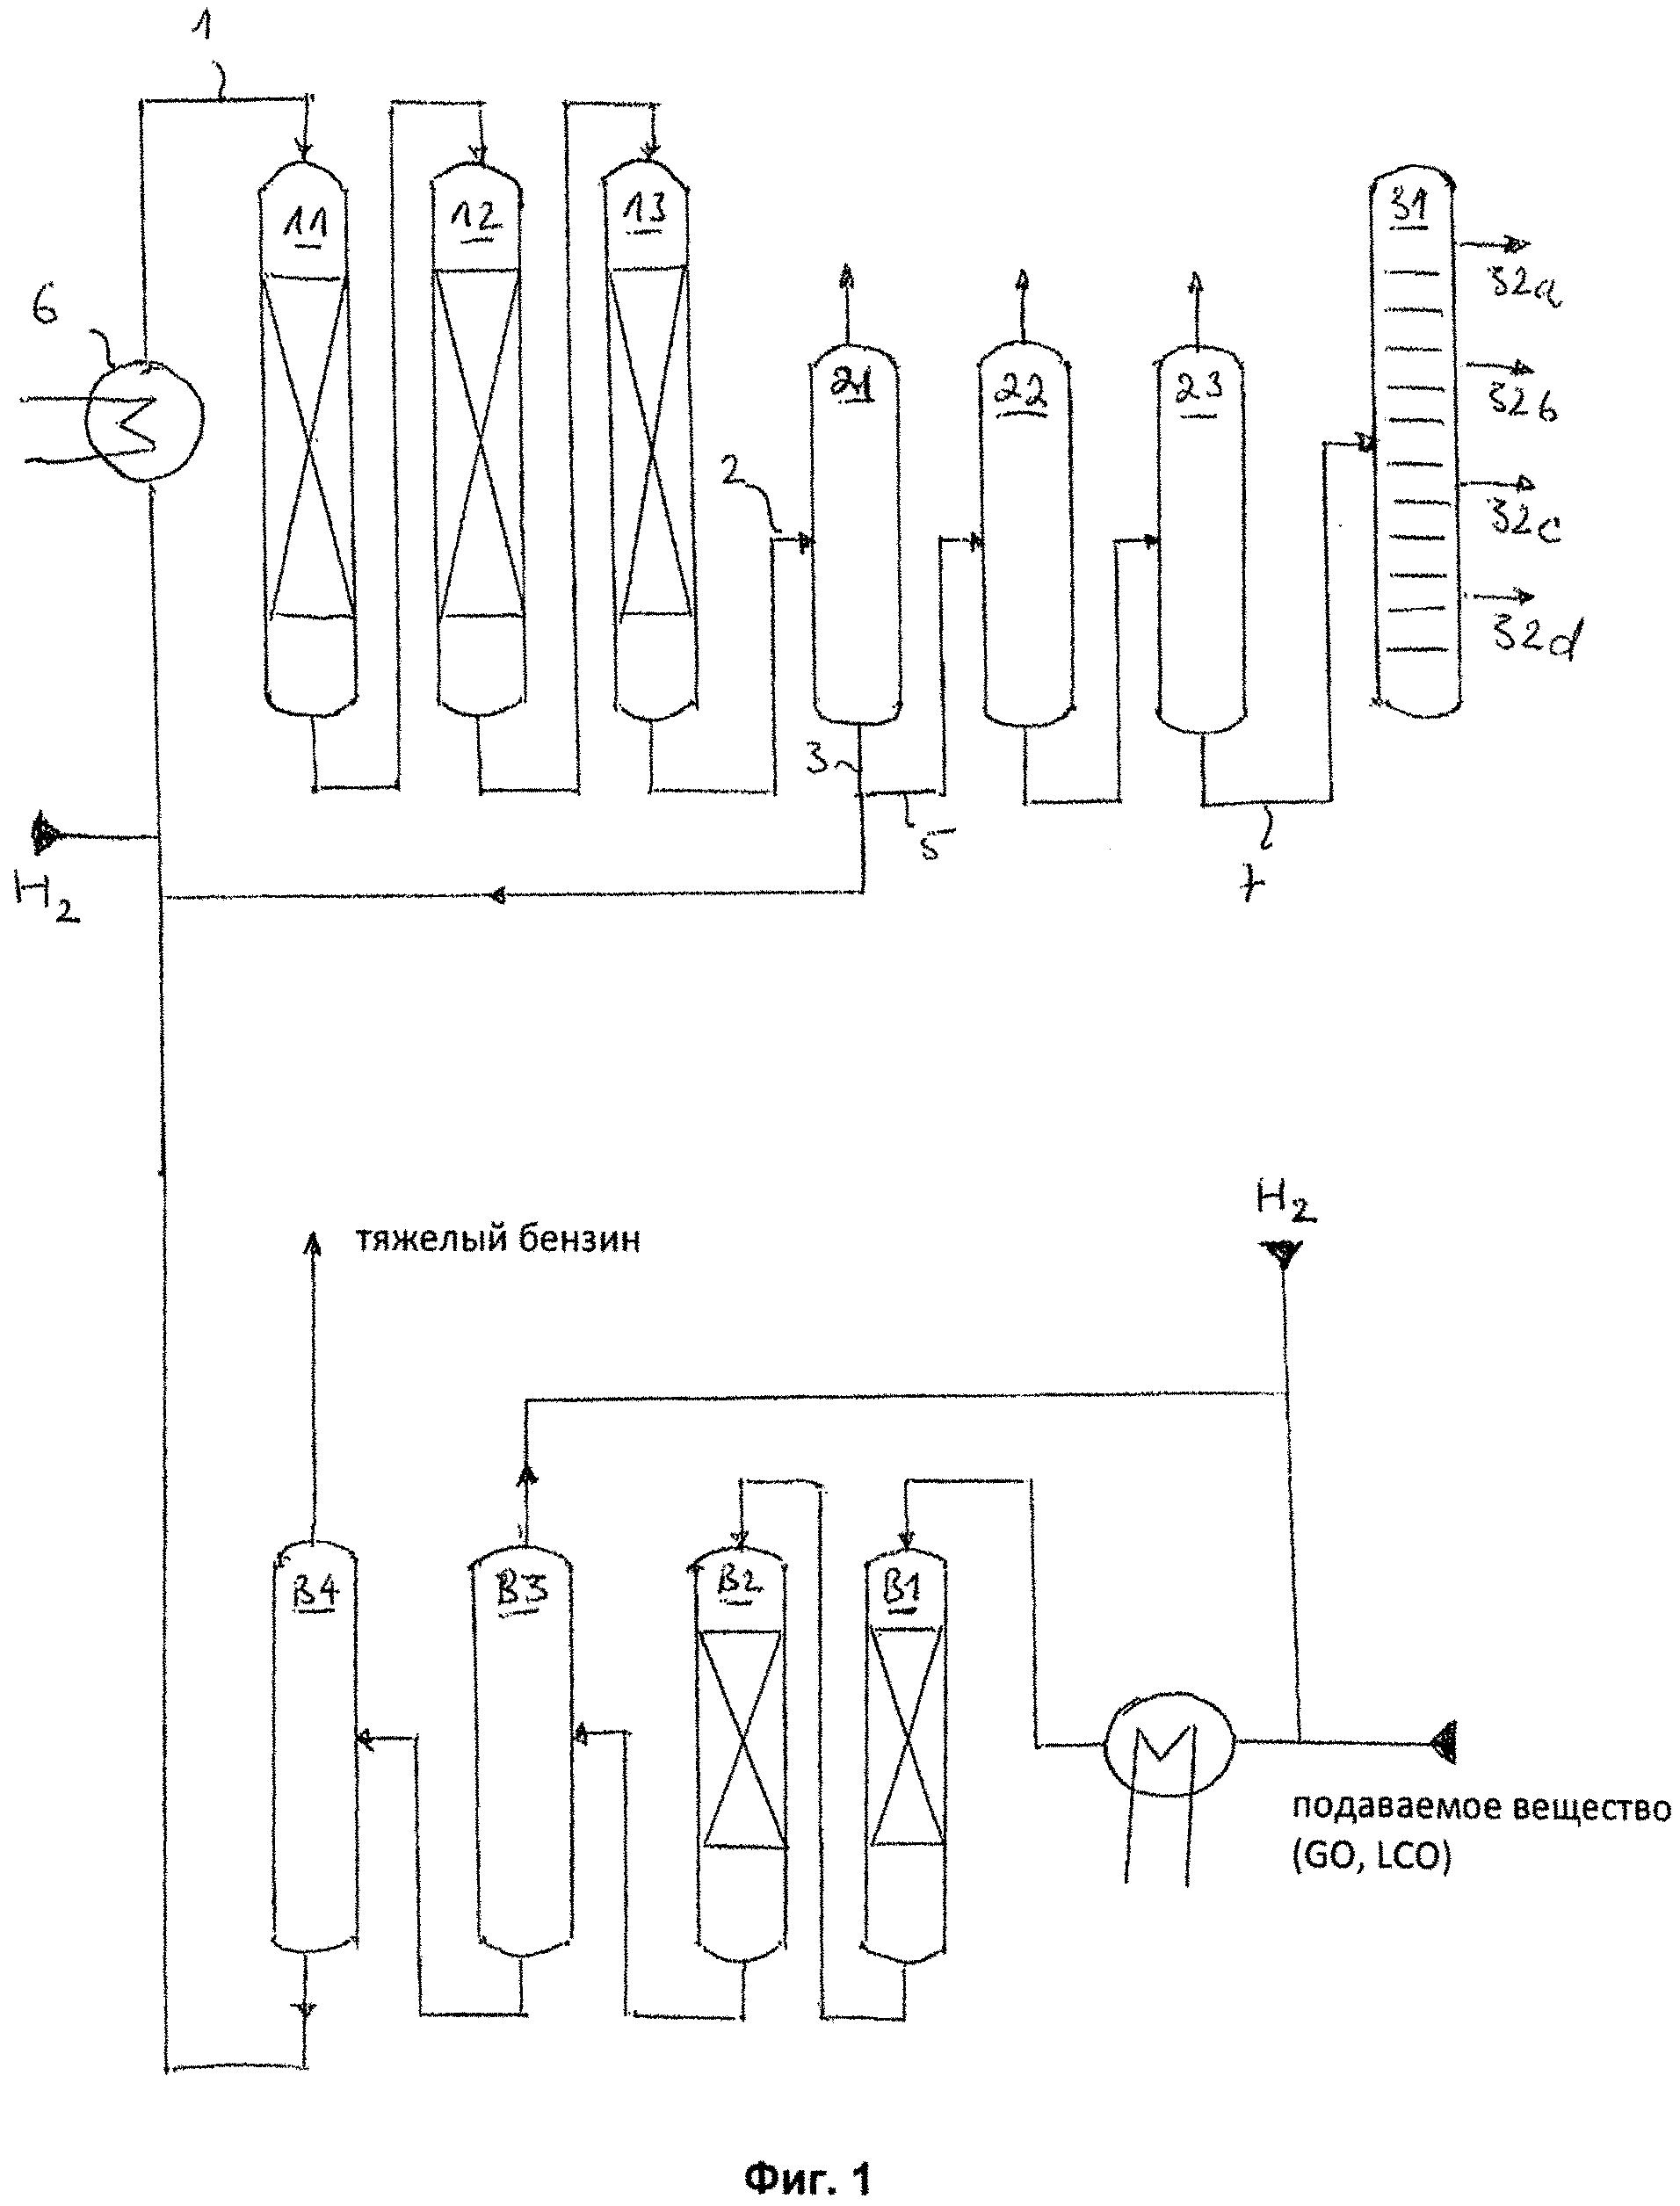 Способ получения углеводородных жидкостей, имеющих низкое содержание ароматических соединений